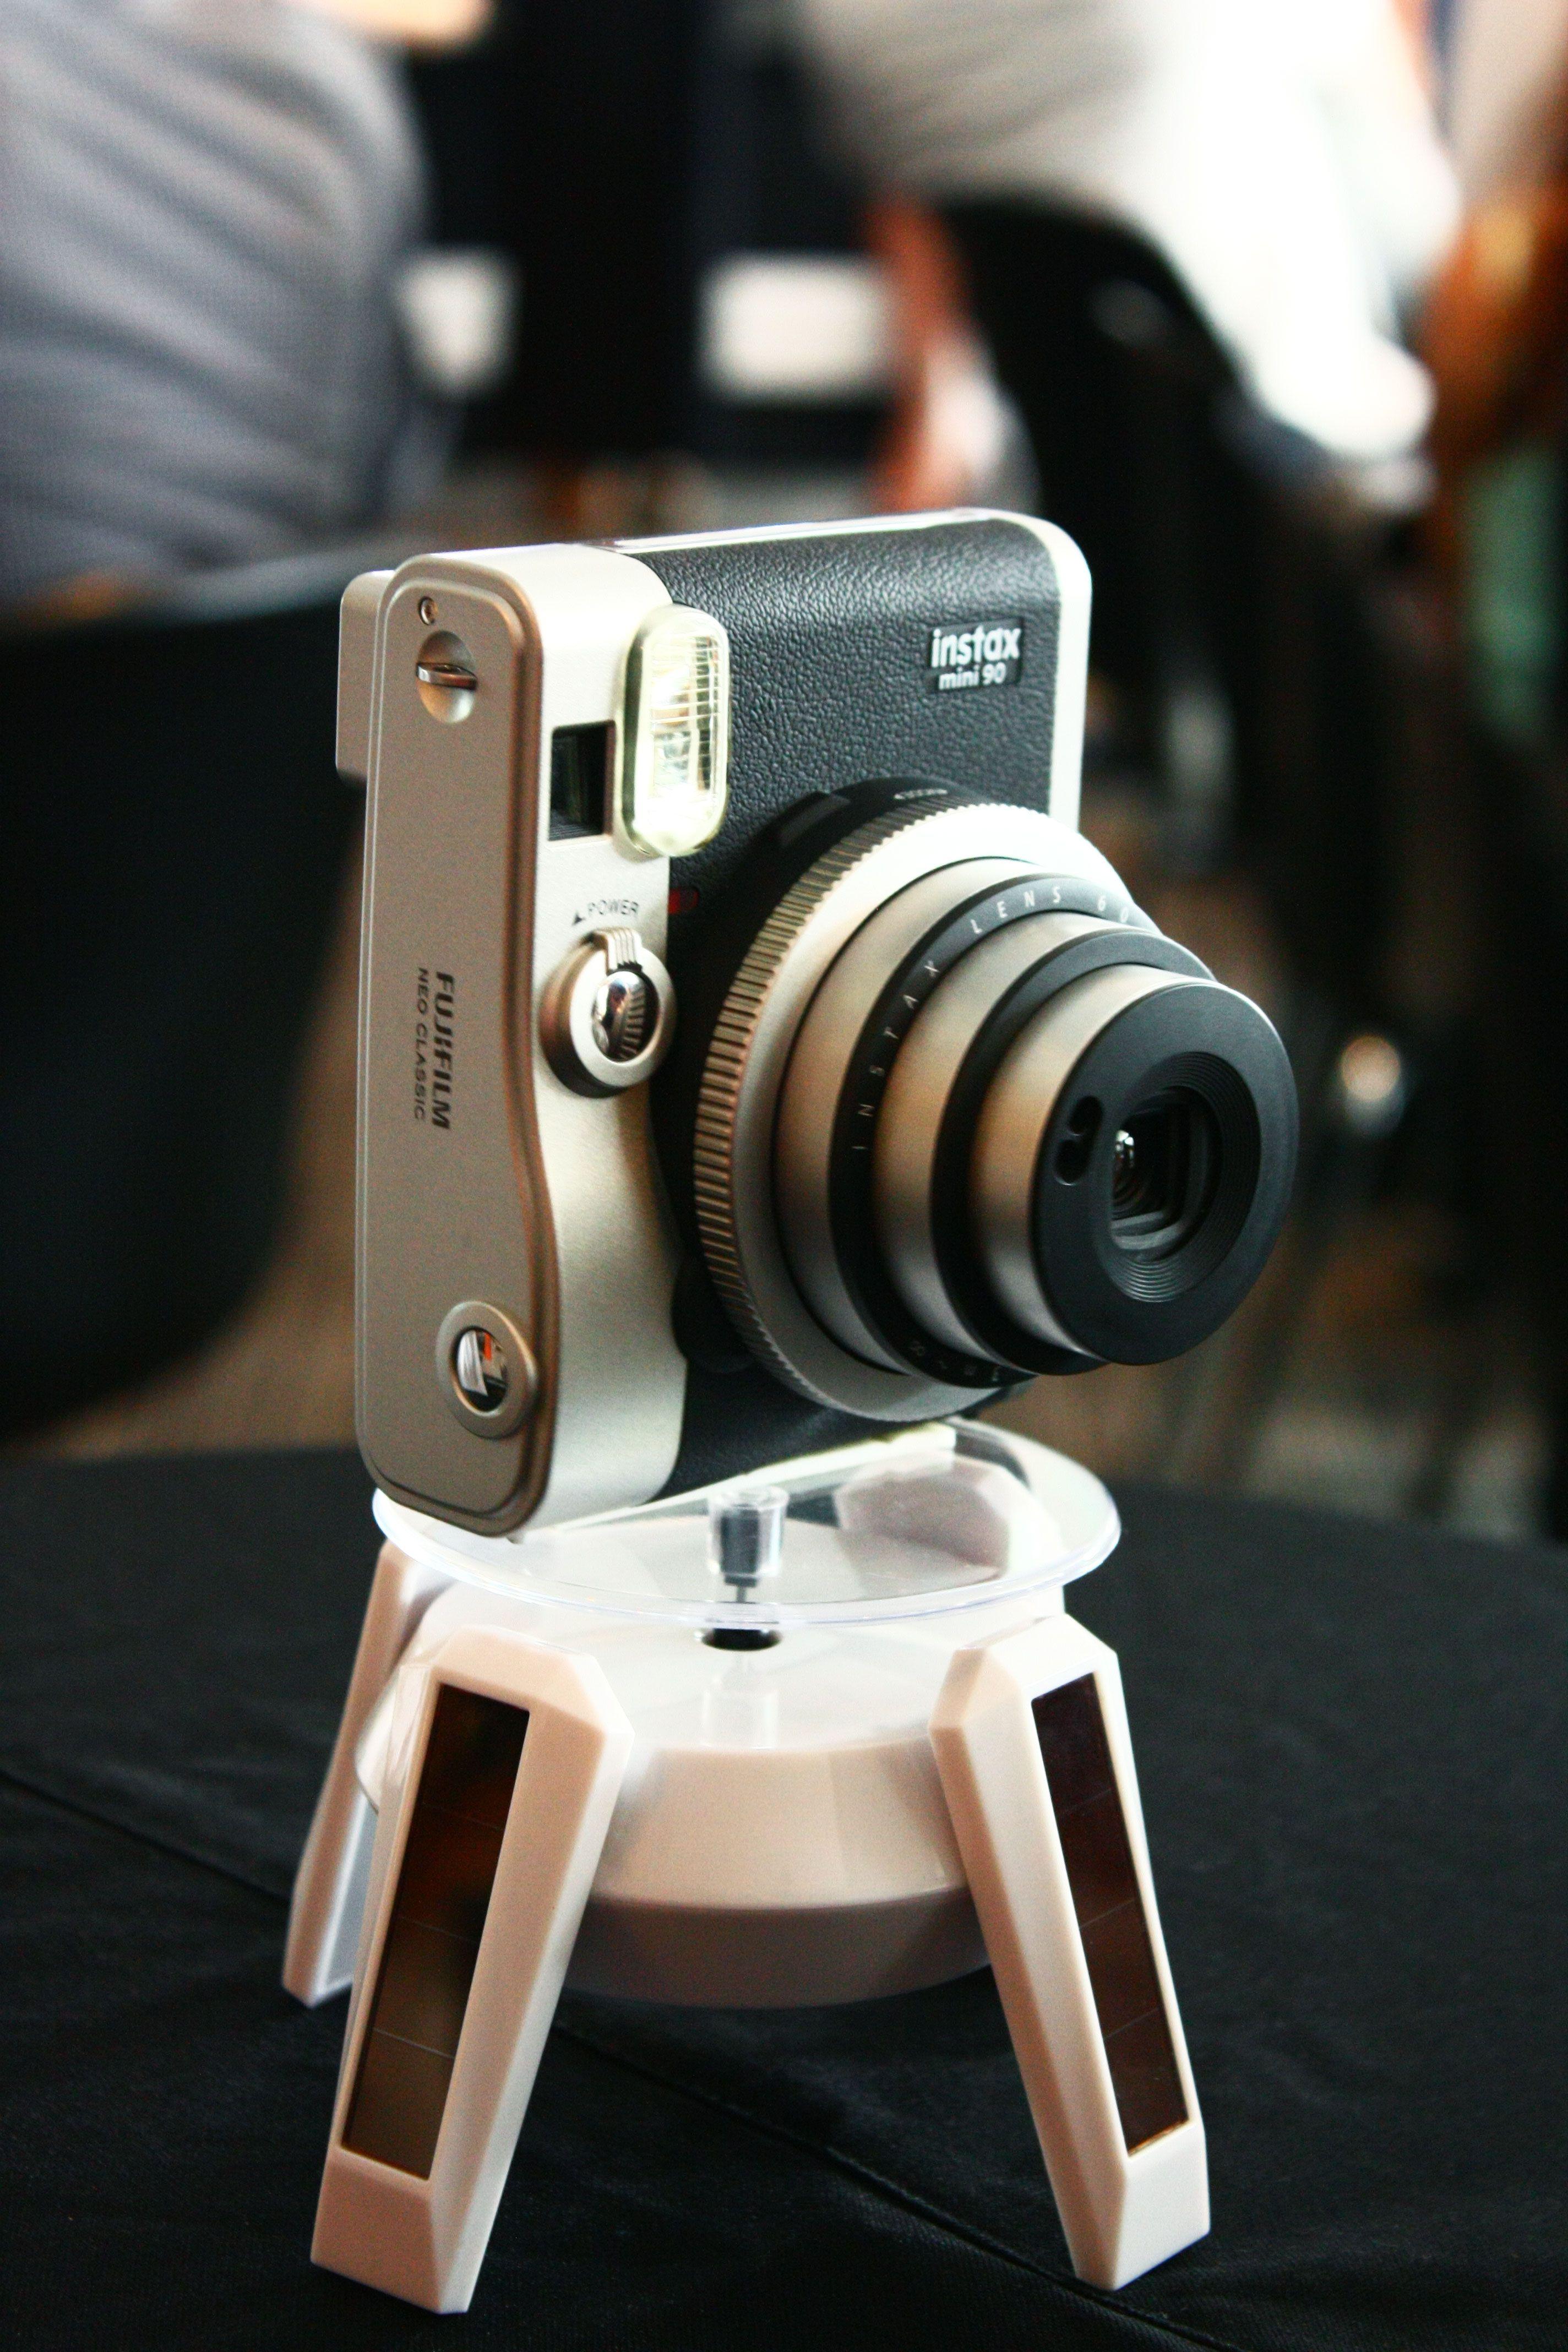 Fujifilm S Instax Mini 90 Neo Classic Screams Retro Instax Mini 90 Fujifilm Instax Mini 90 Instax